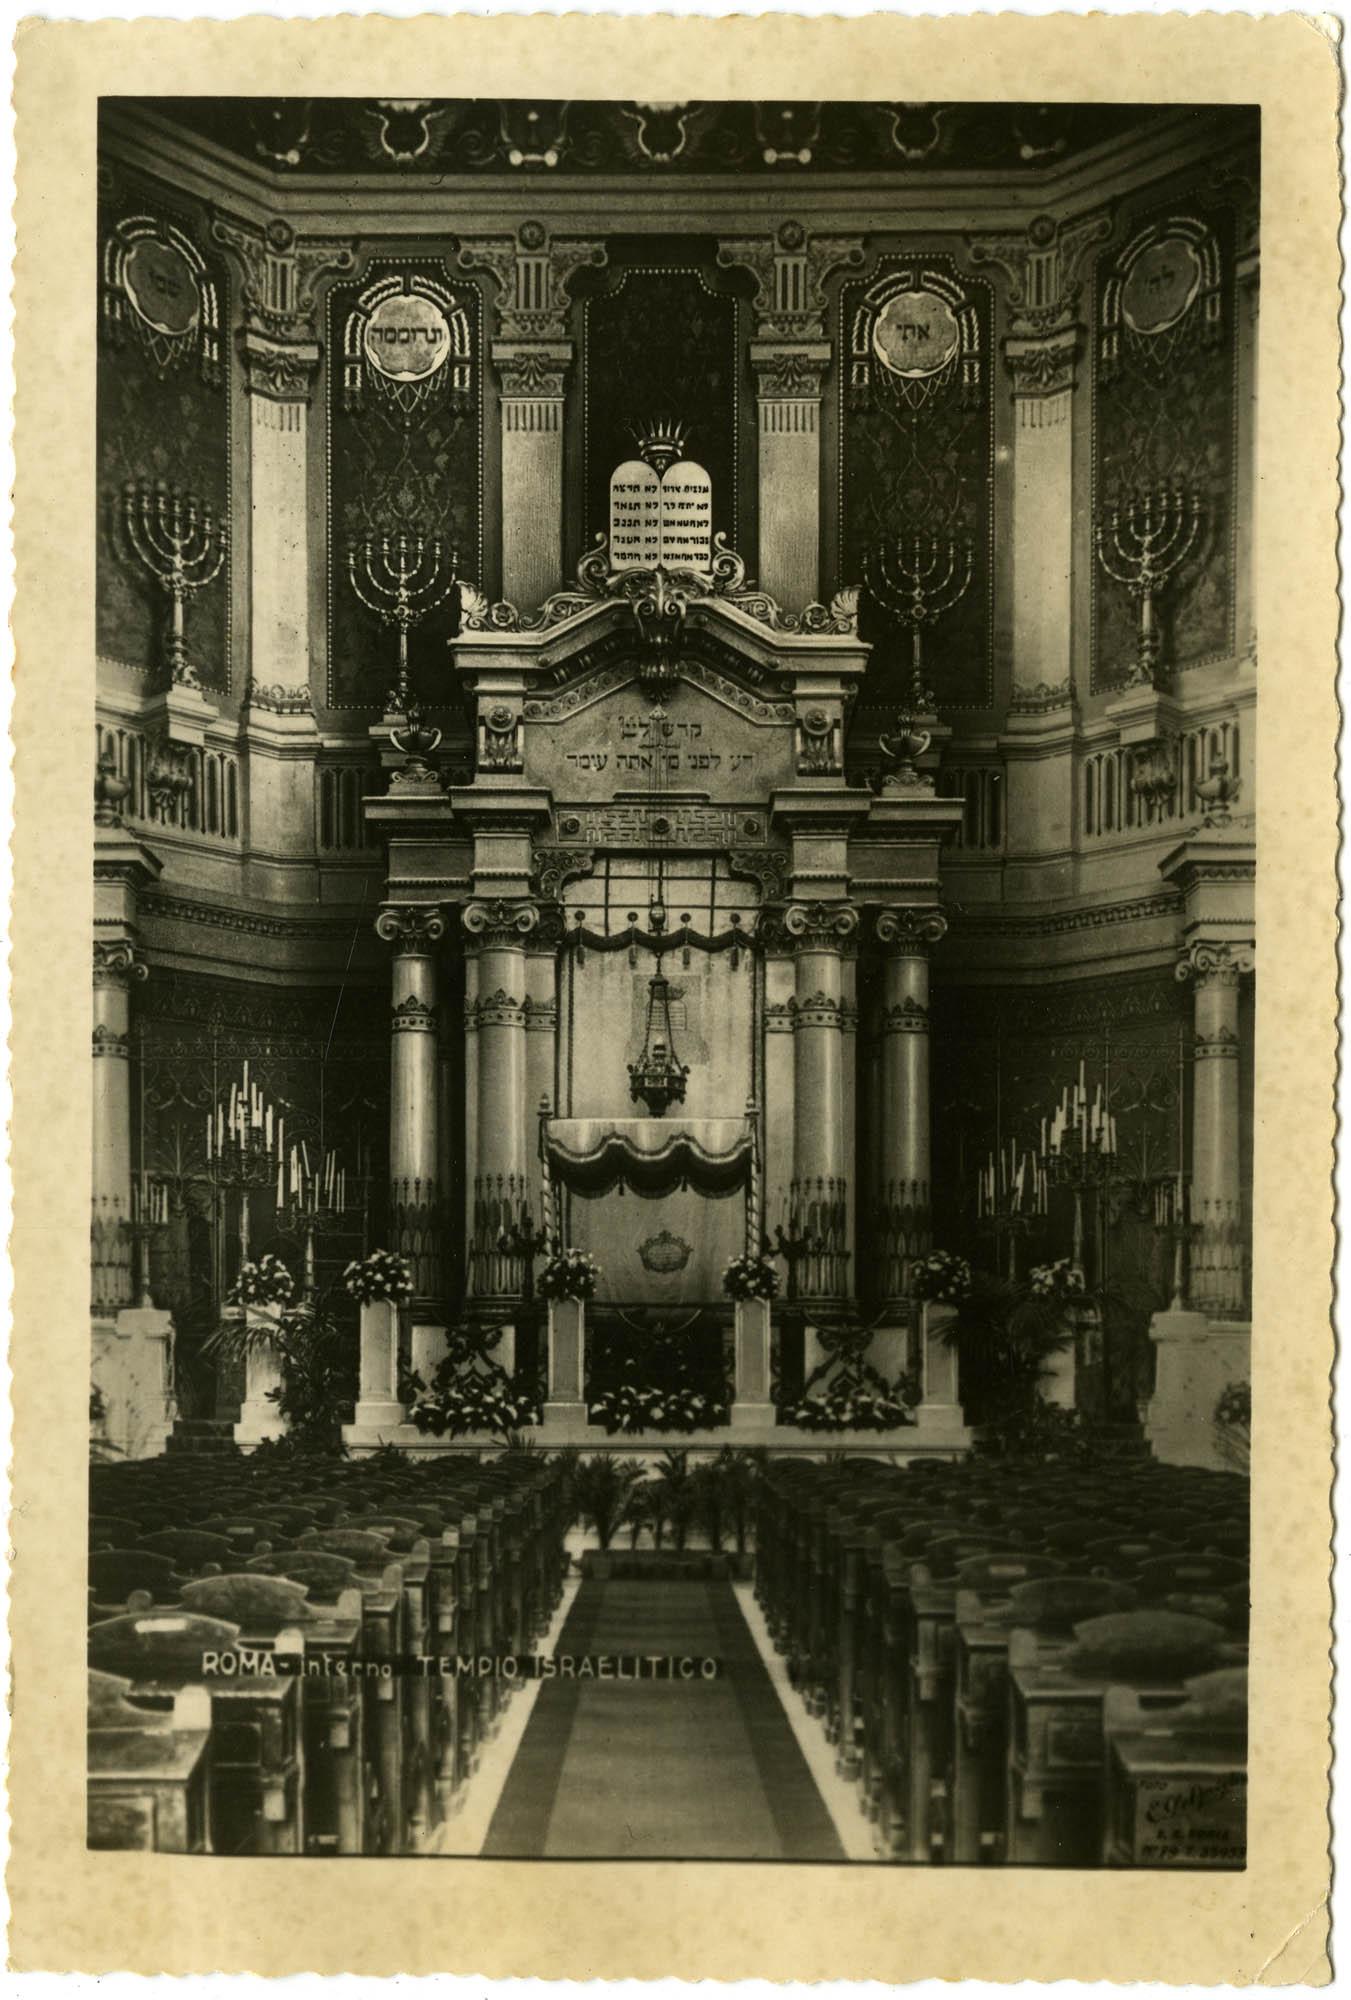 Roma - Interno Tempio Israelitico